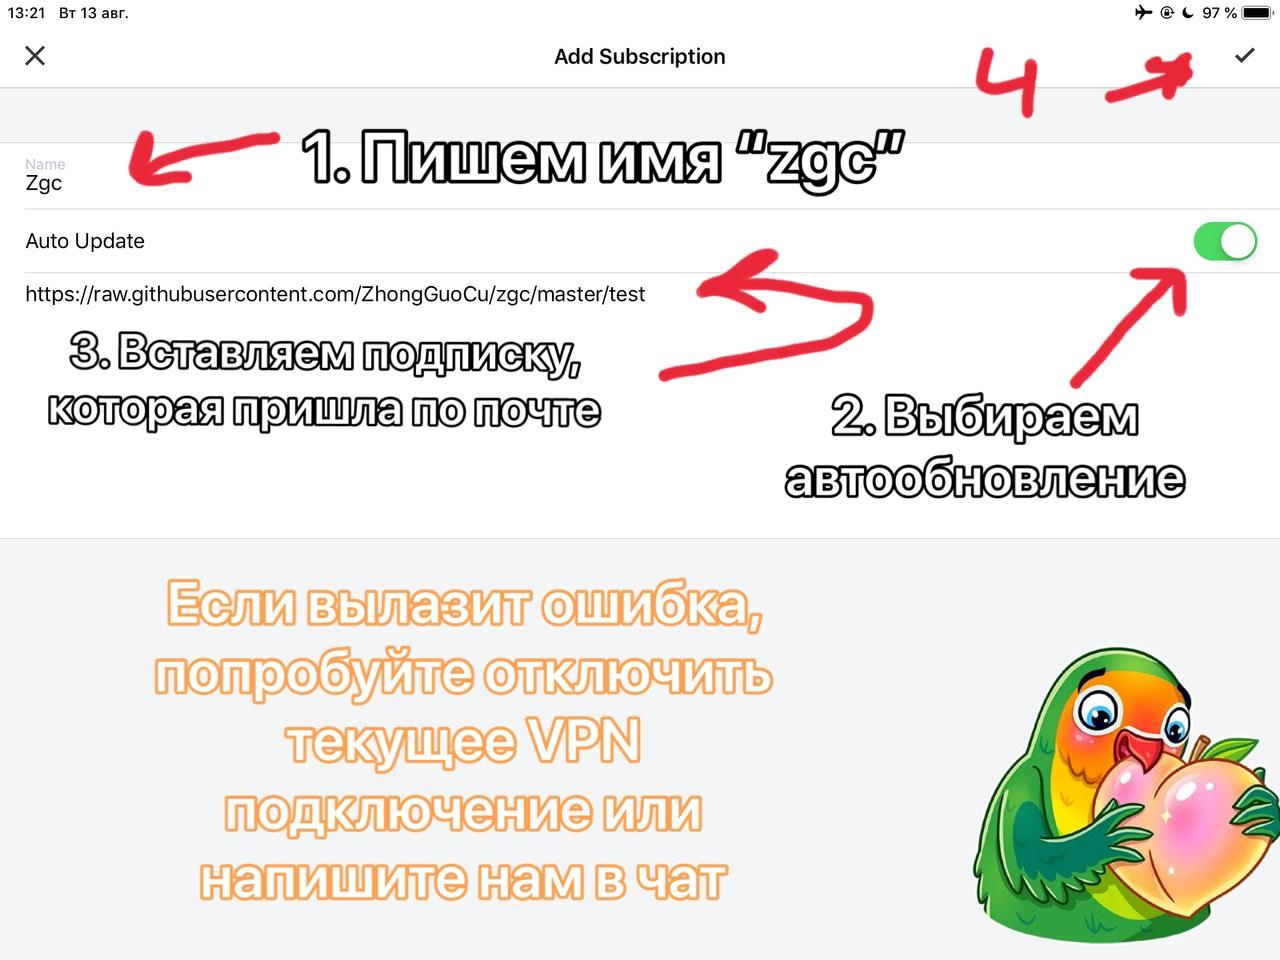 4. Пишем имя Zgc. Выбираем автообновление. Вставляем скопированную ссылку подписки.